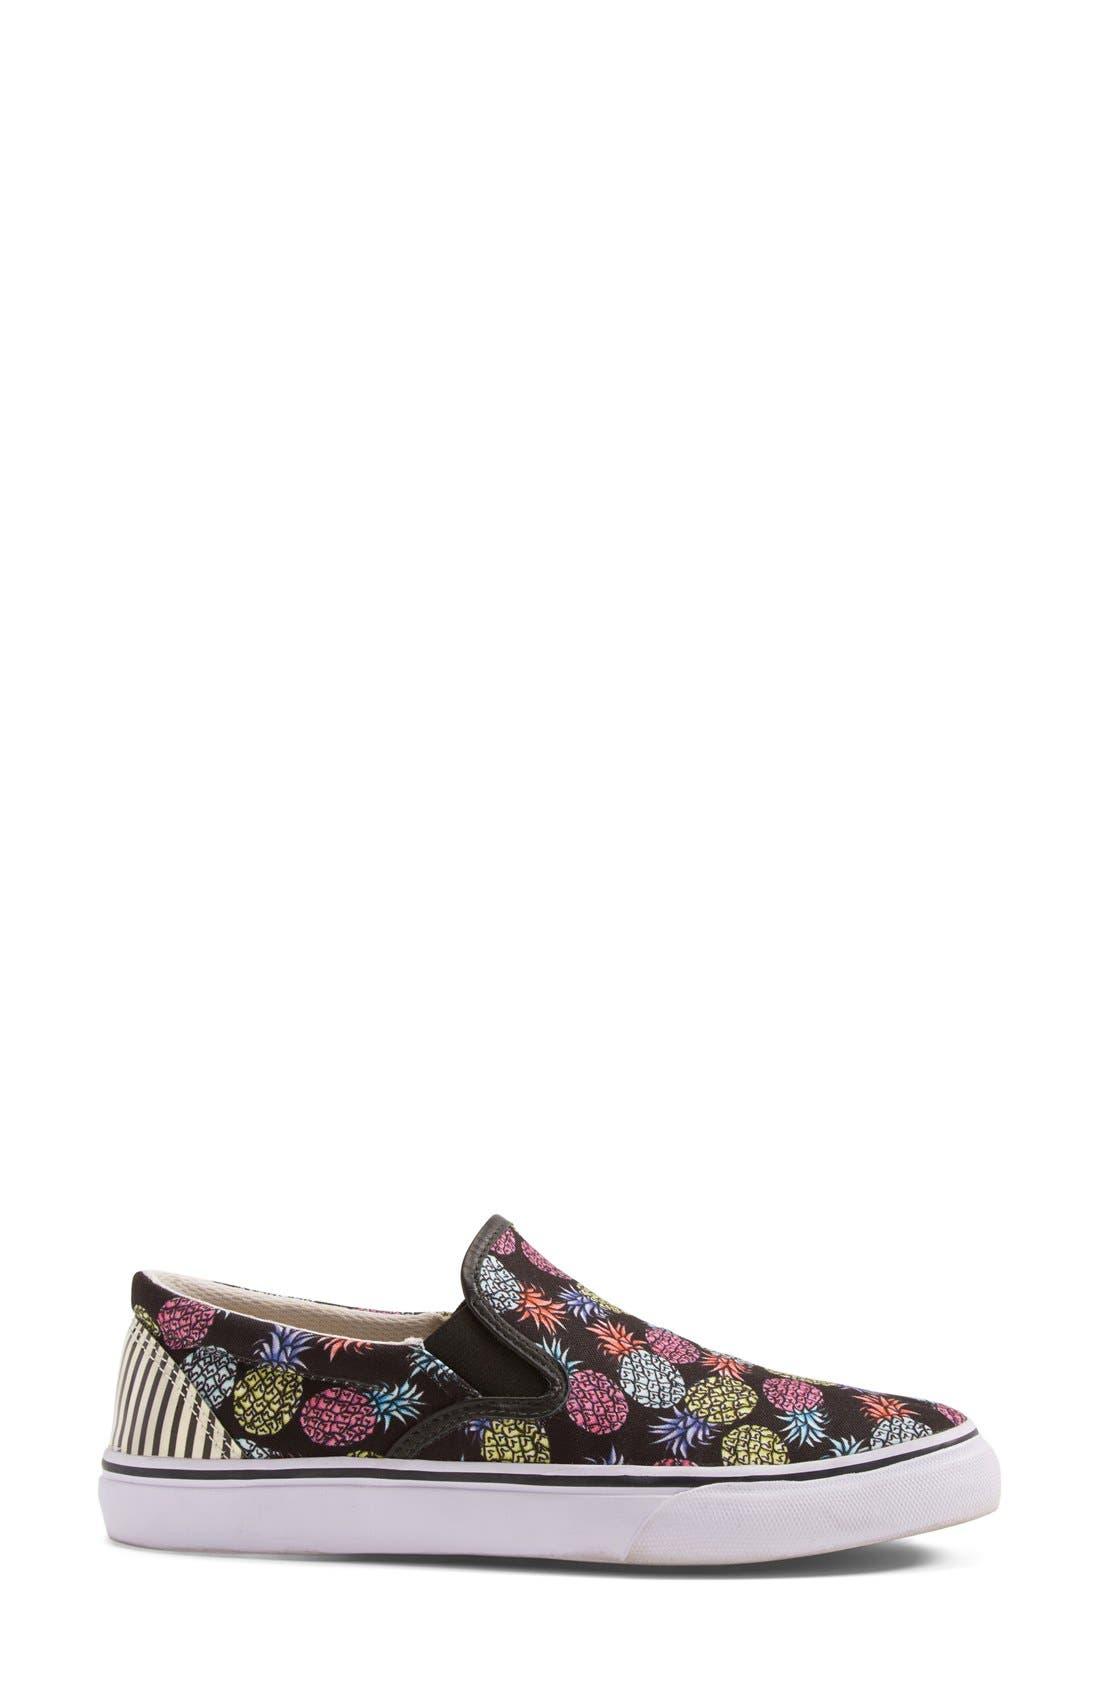 'Adele - Pineapple' Satin Slip-On Sneaker,                             Alternate thumbnail 2, color,                             001